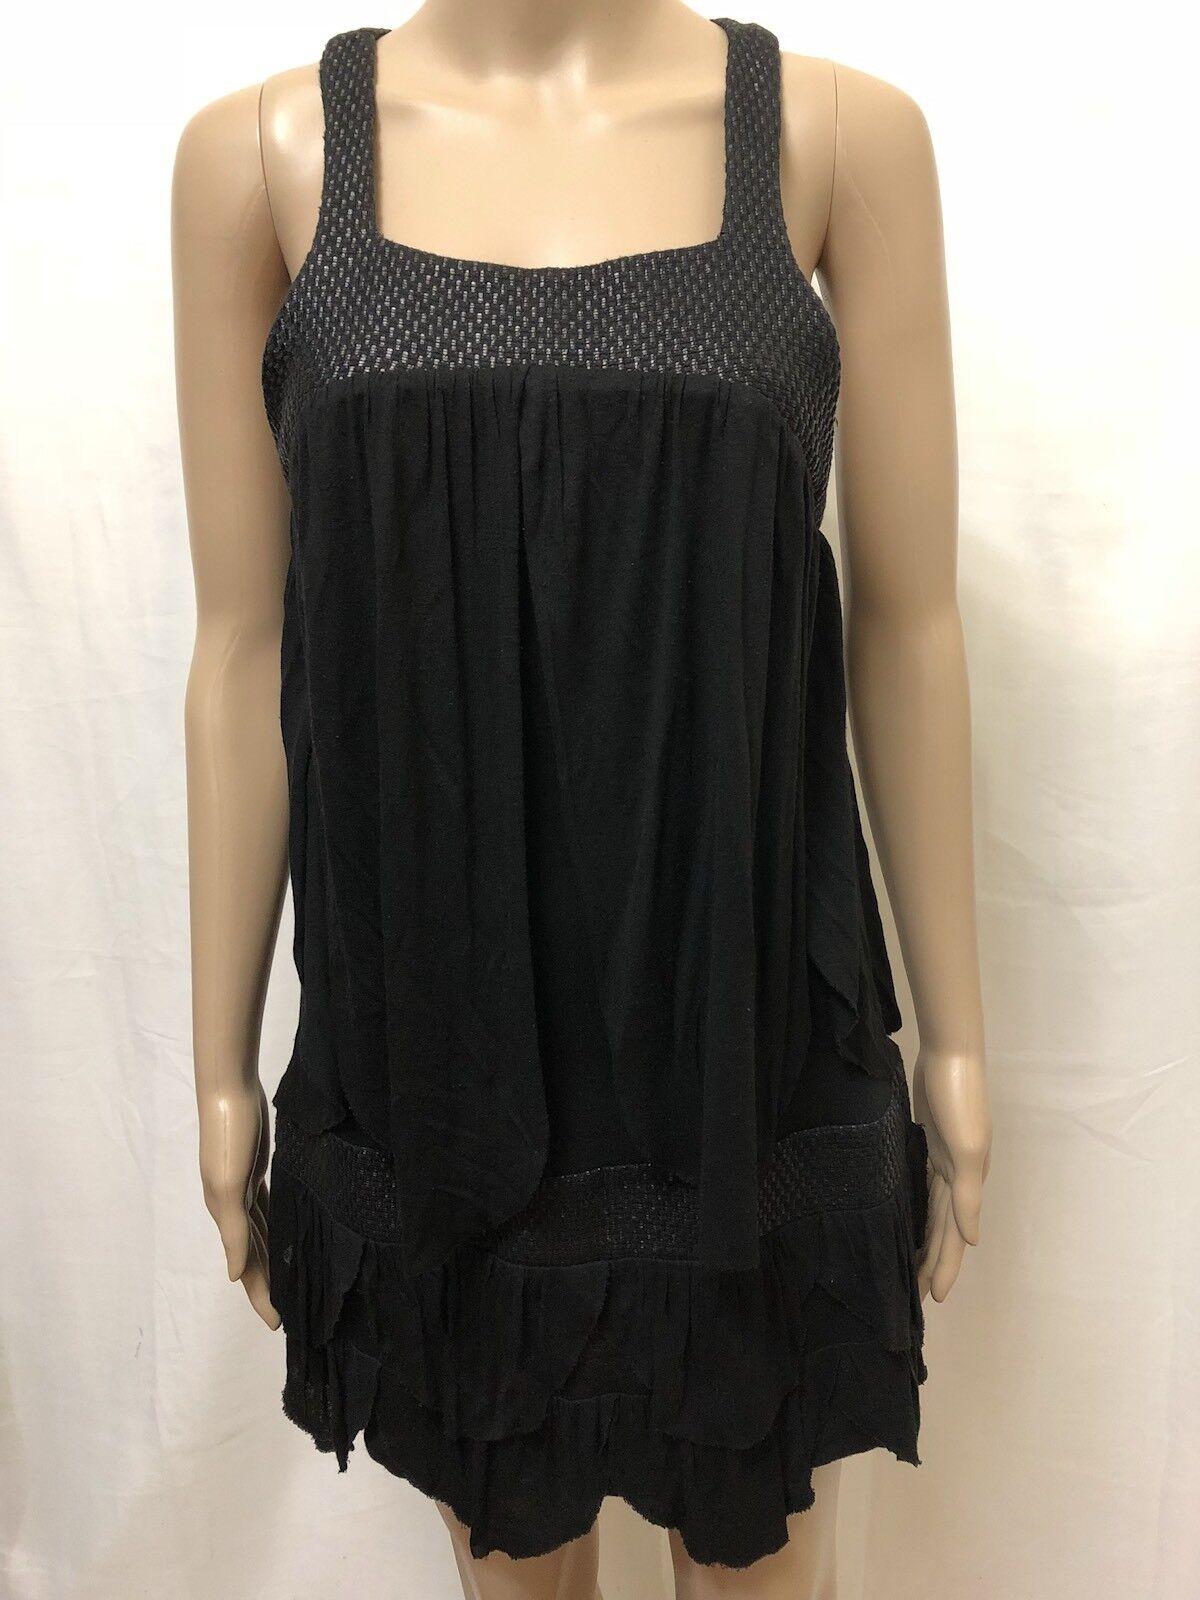 MANNING CARTELL DRESS WOMENS  SIZE 10  EXC COND WOVEN BLEND DESIGN SLEEVELESS